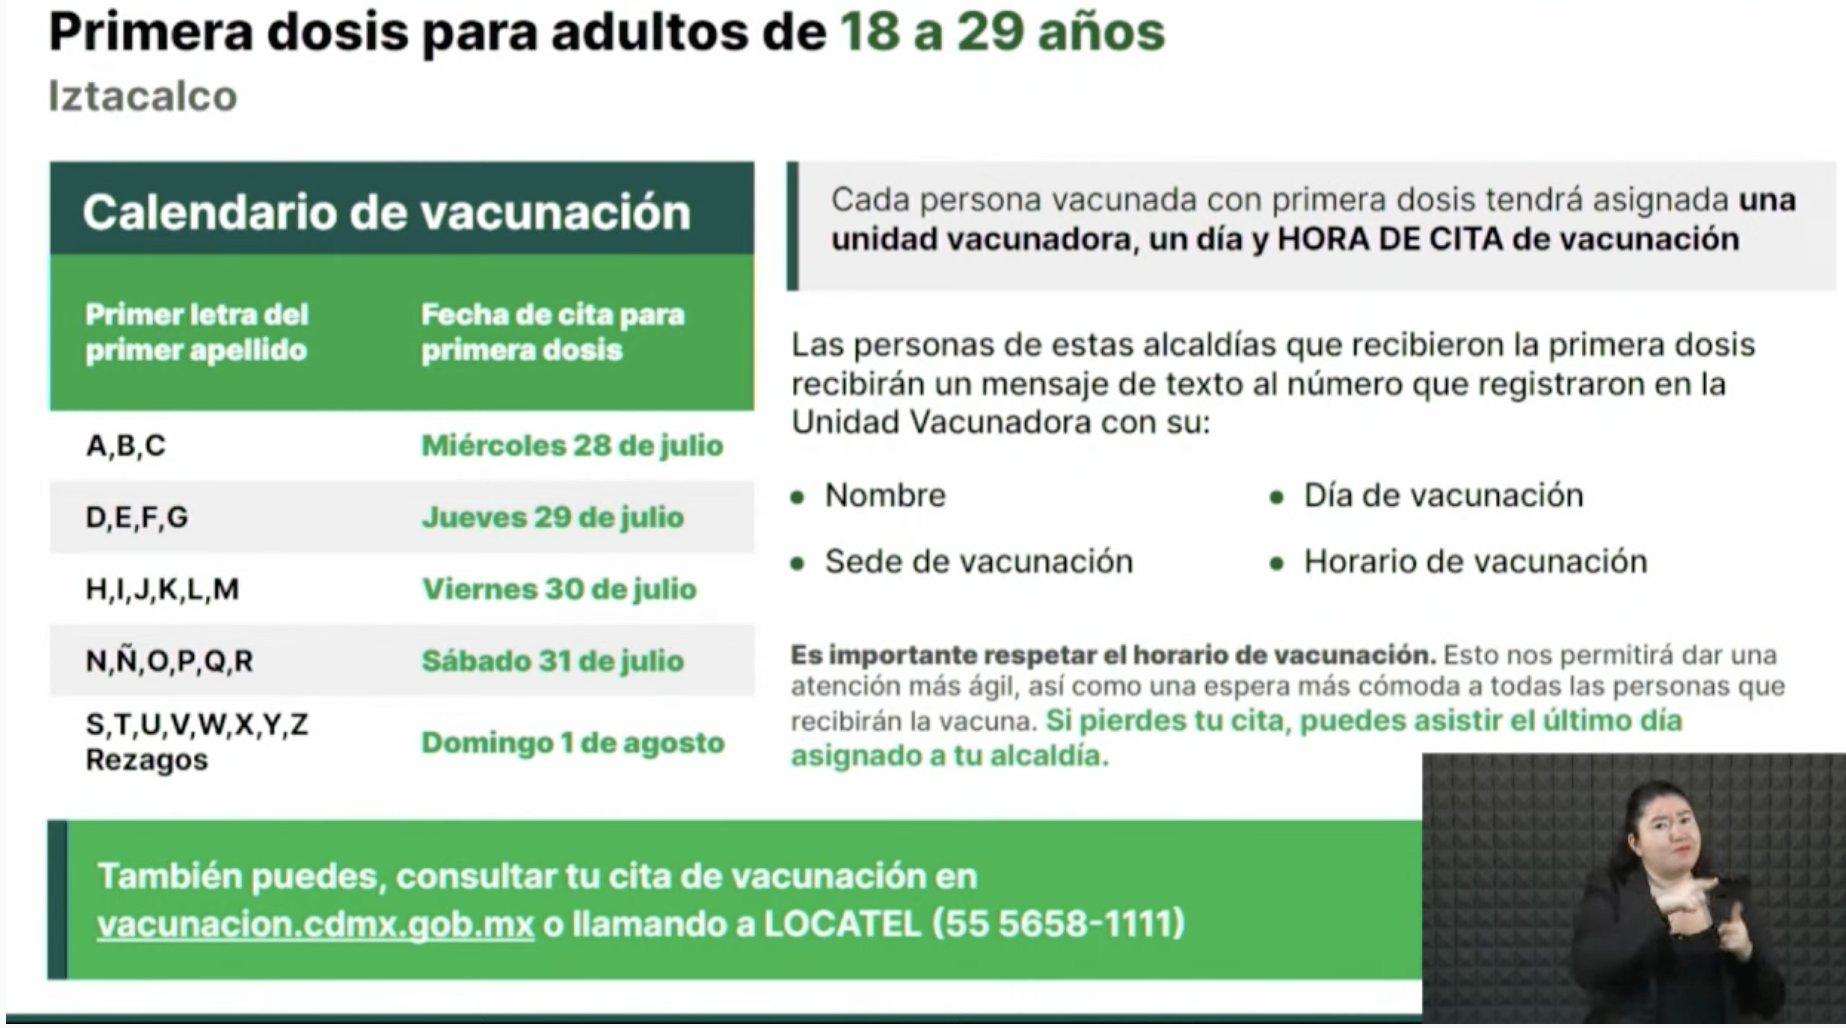 calendario-vacunacion-18-29-anos-iztacalco